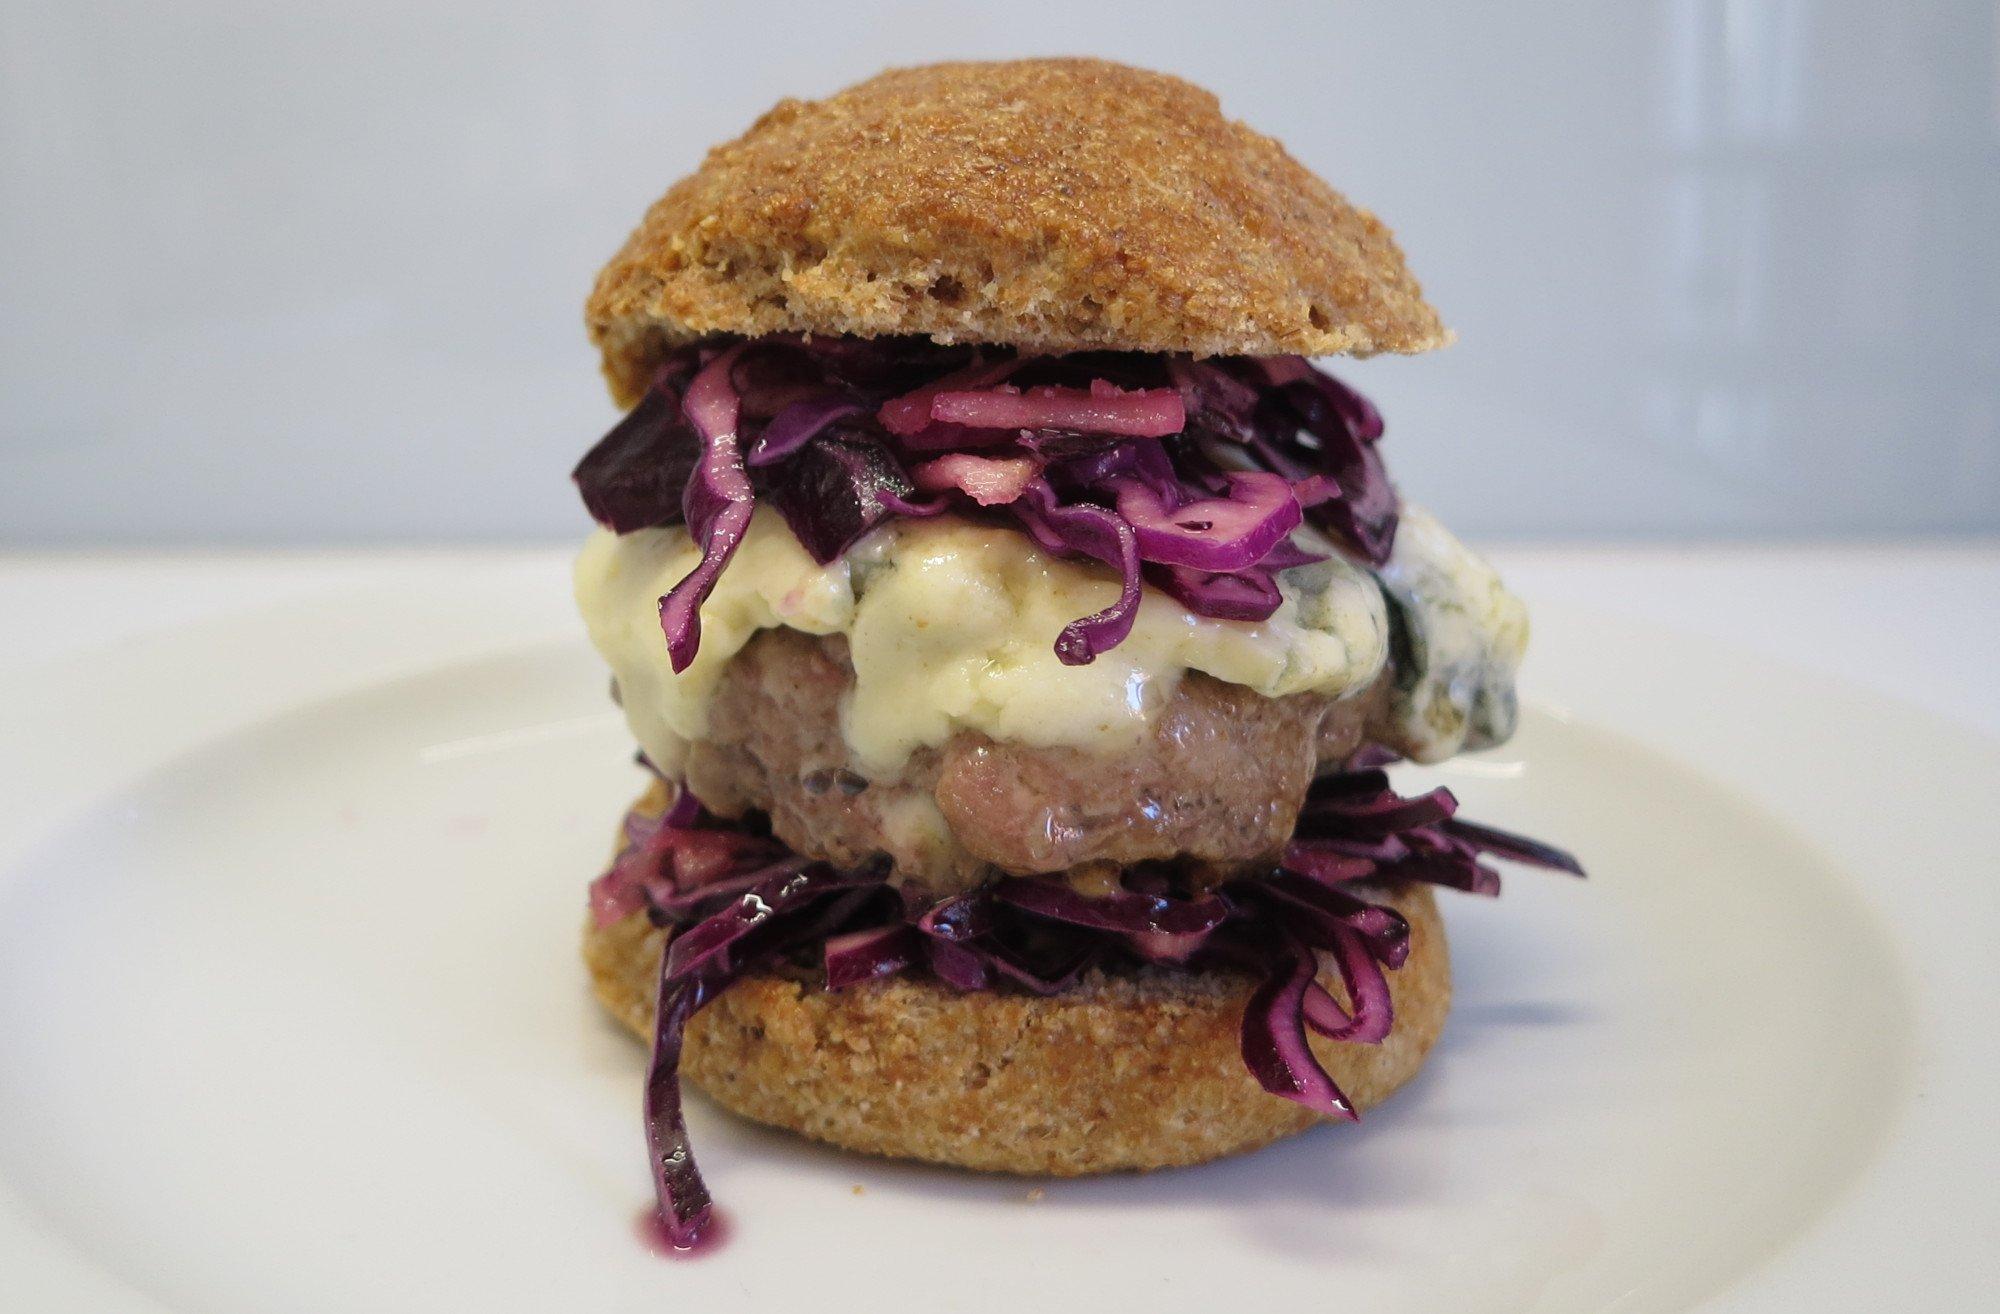 Ohne die Kenwood Chef XL und ihre Aufsätze hätte es diesen Burger nie gegeben (Bild: Peter Giesecke)